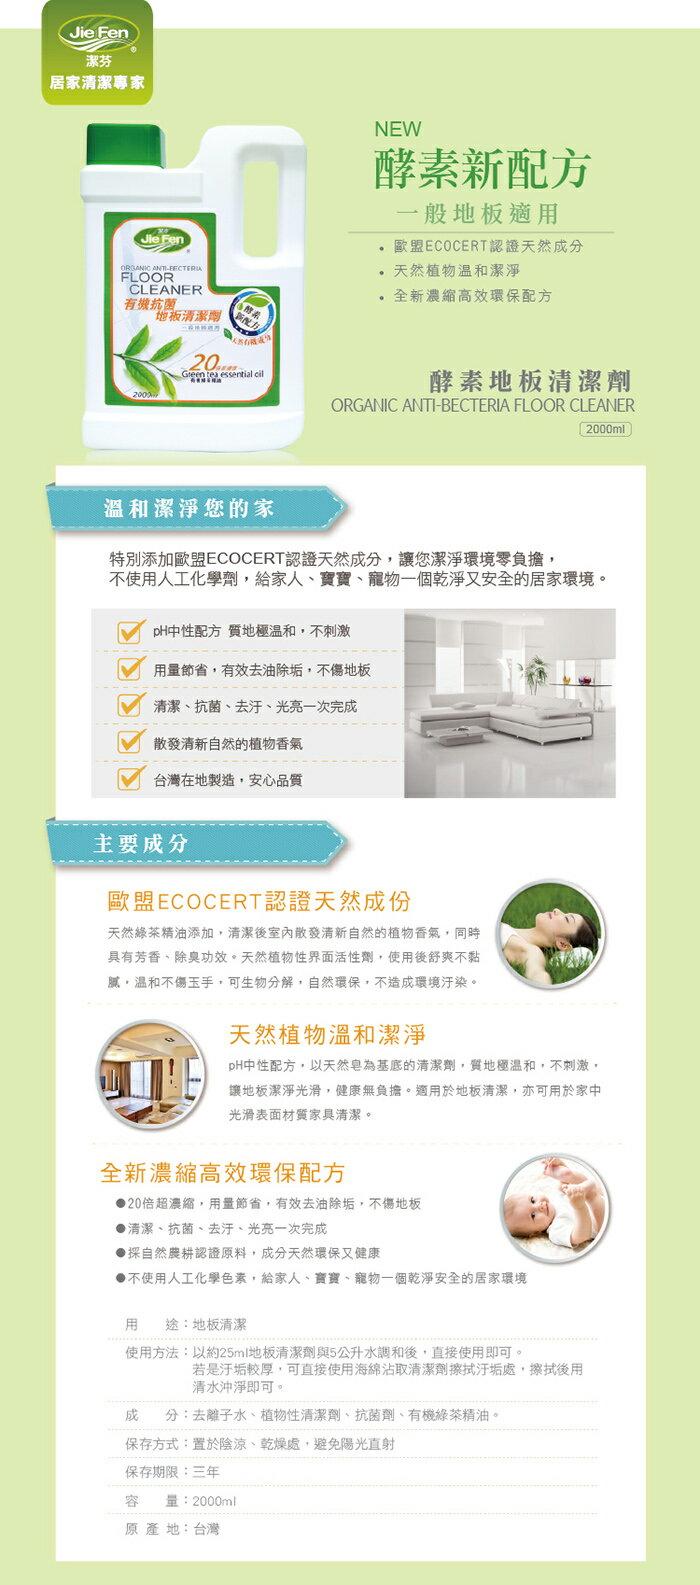 『121婦嬰用品館』潔芬 酵素地板清潔劑(綠茶) - 2000ml 2